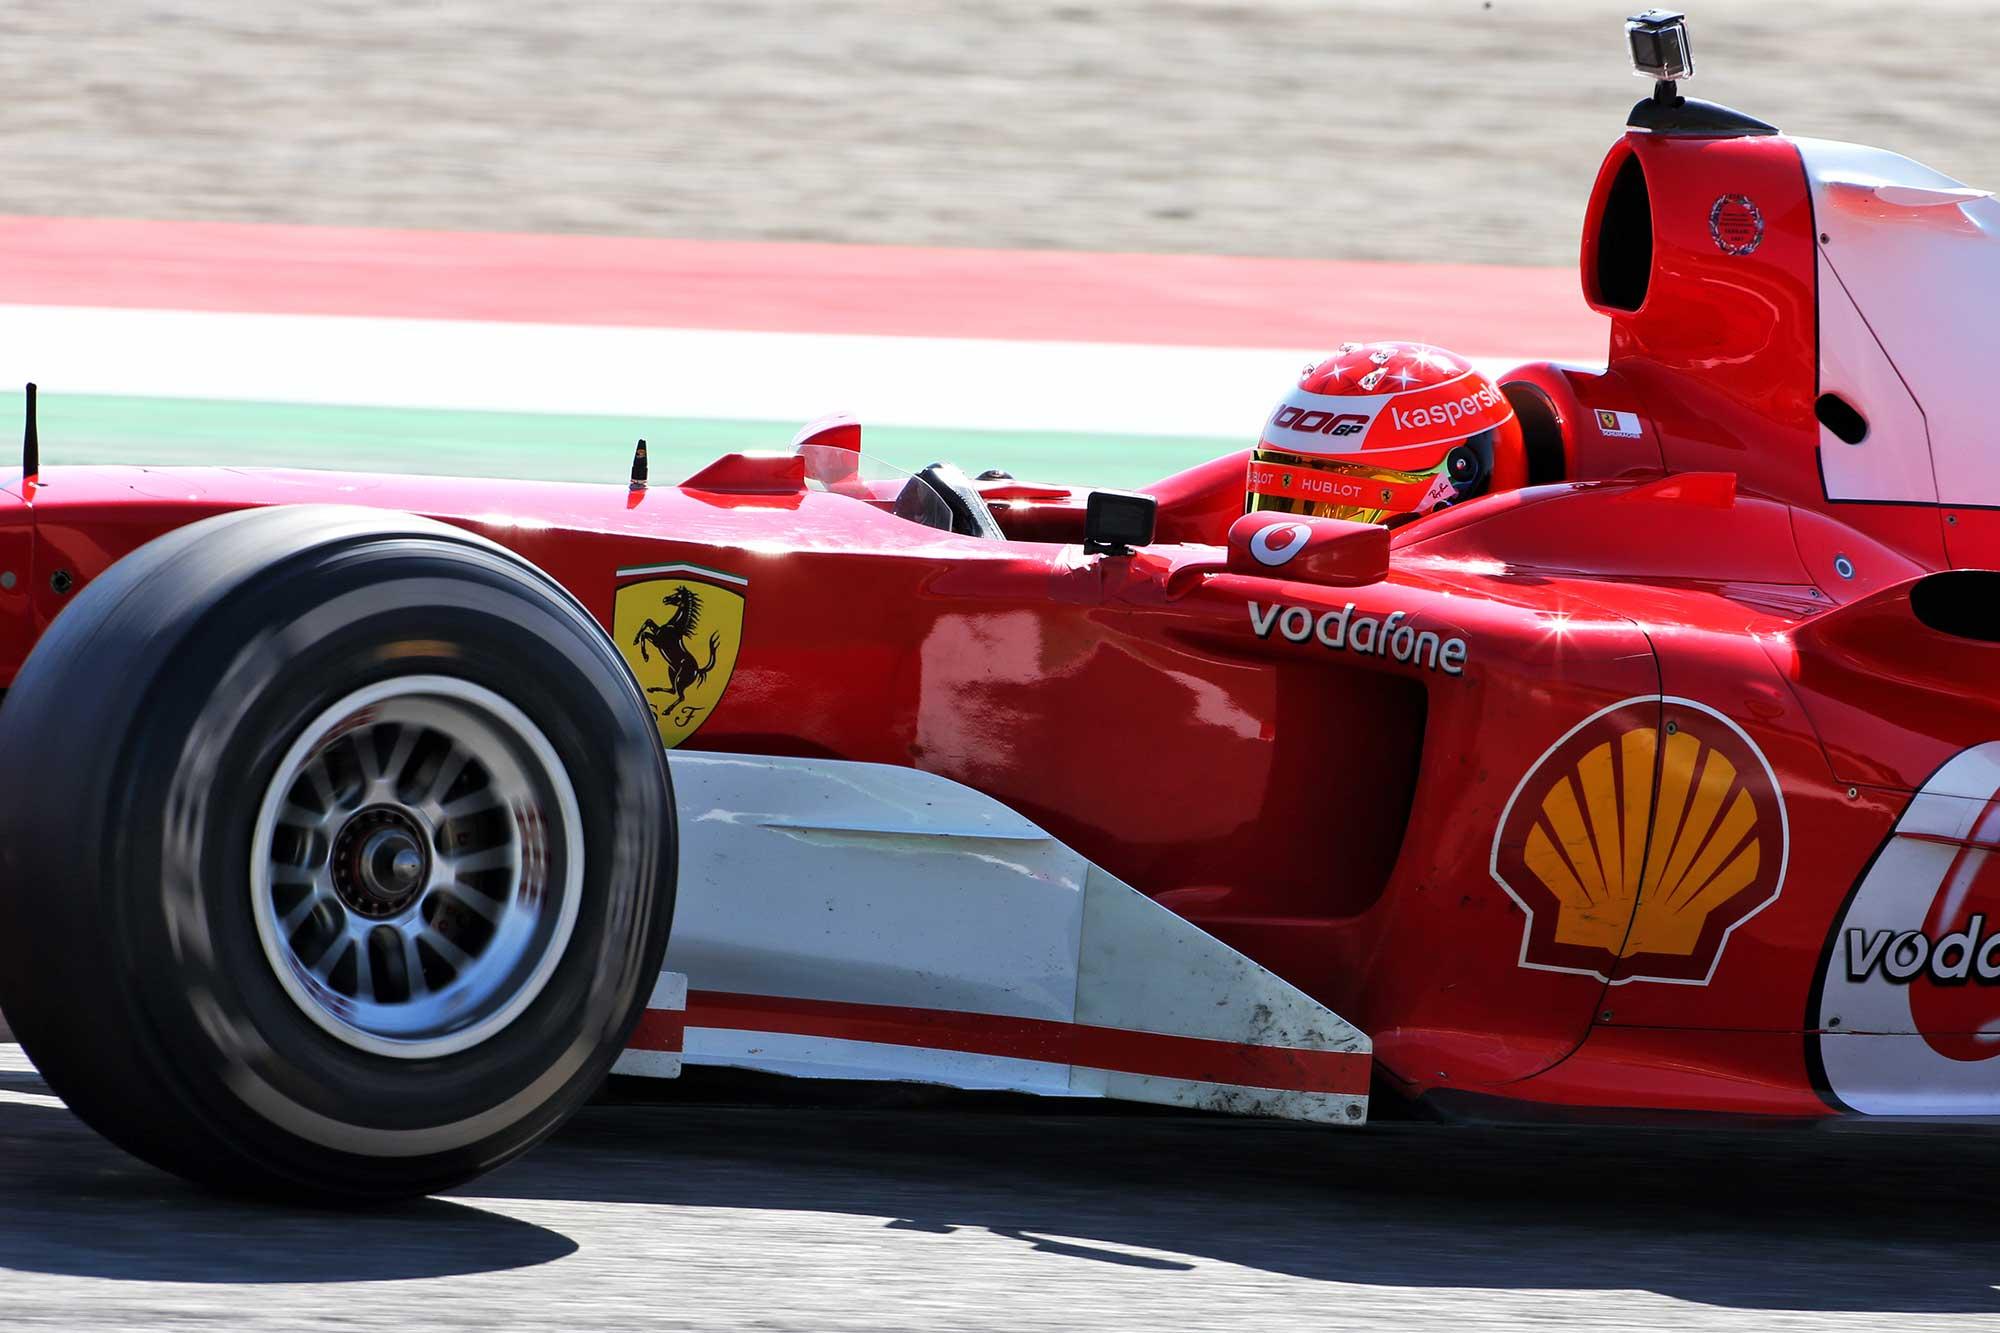 Filho De Michael Schumacher Pilota Ferrari De 2004 Em Mugello F1 F1mania